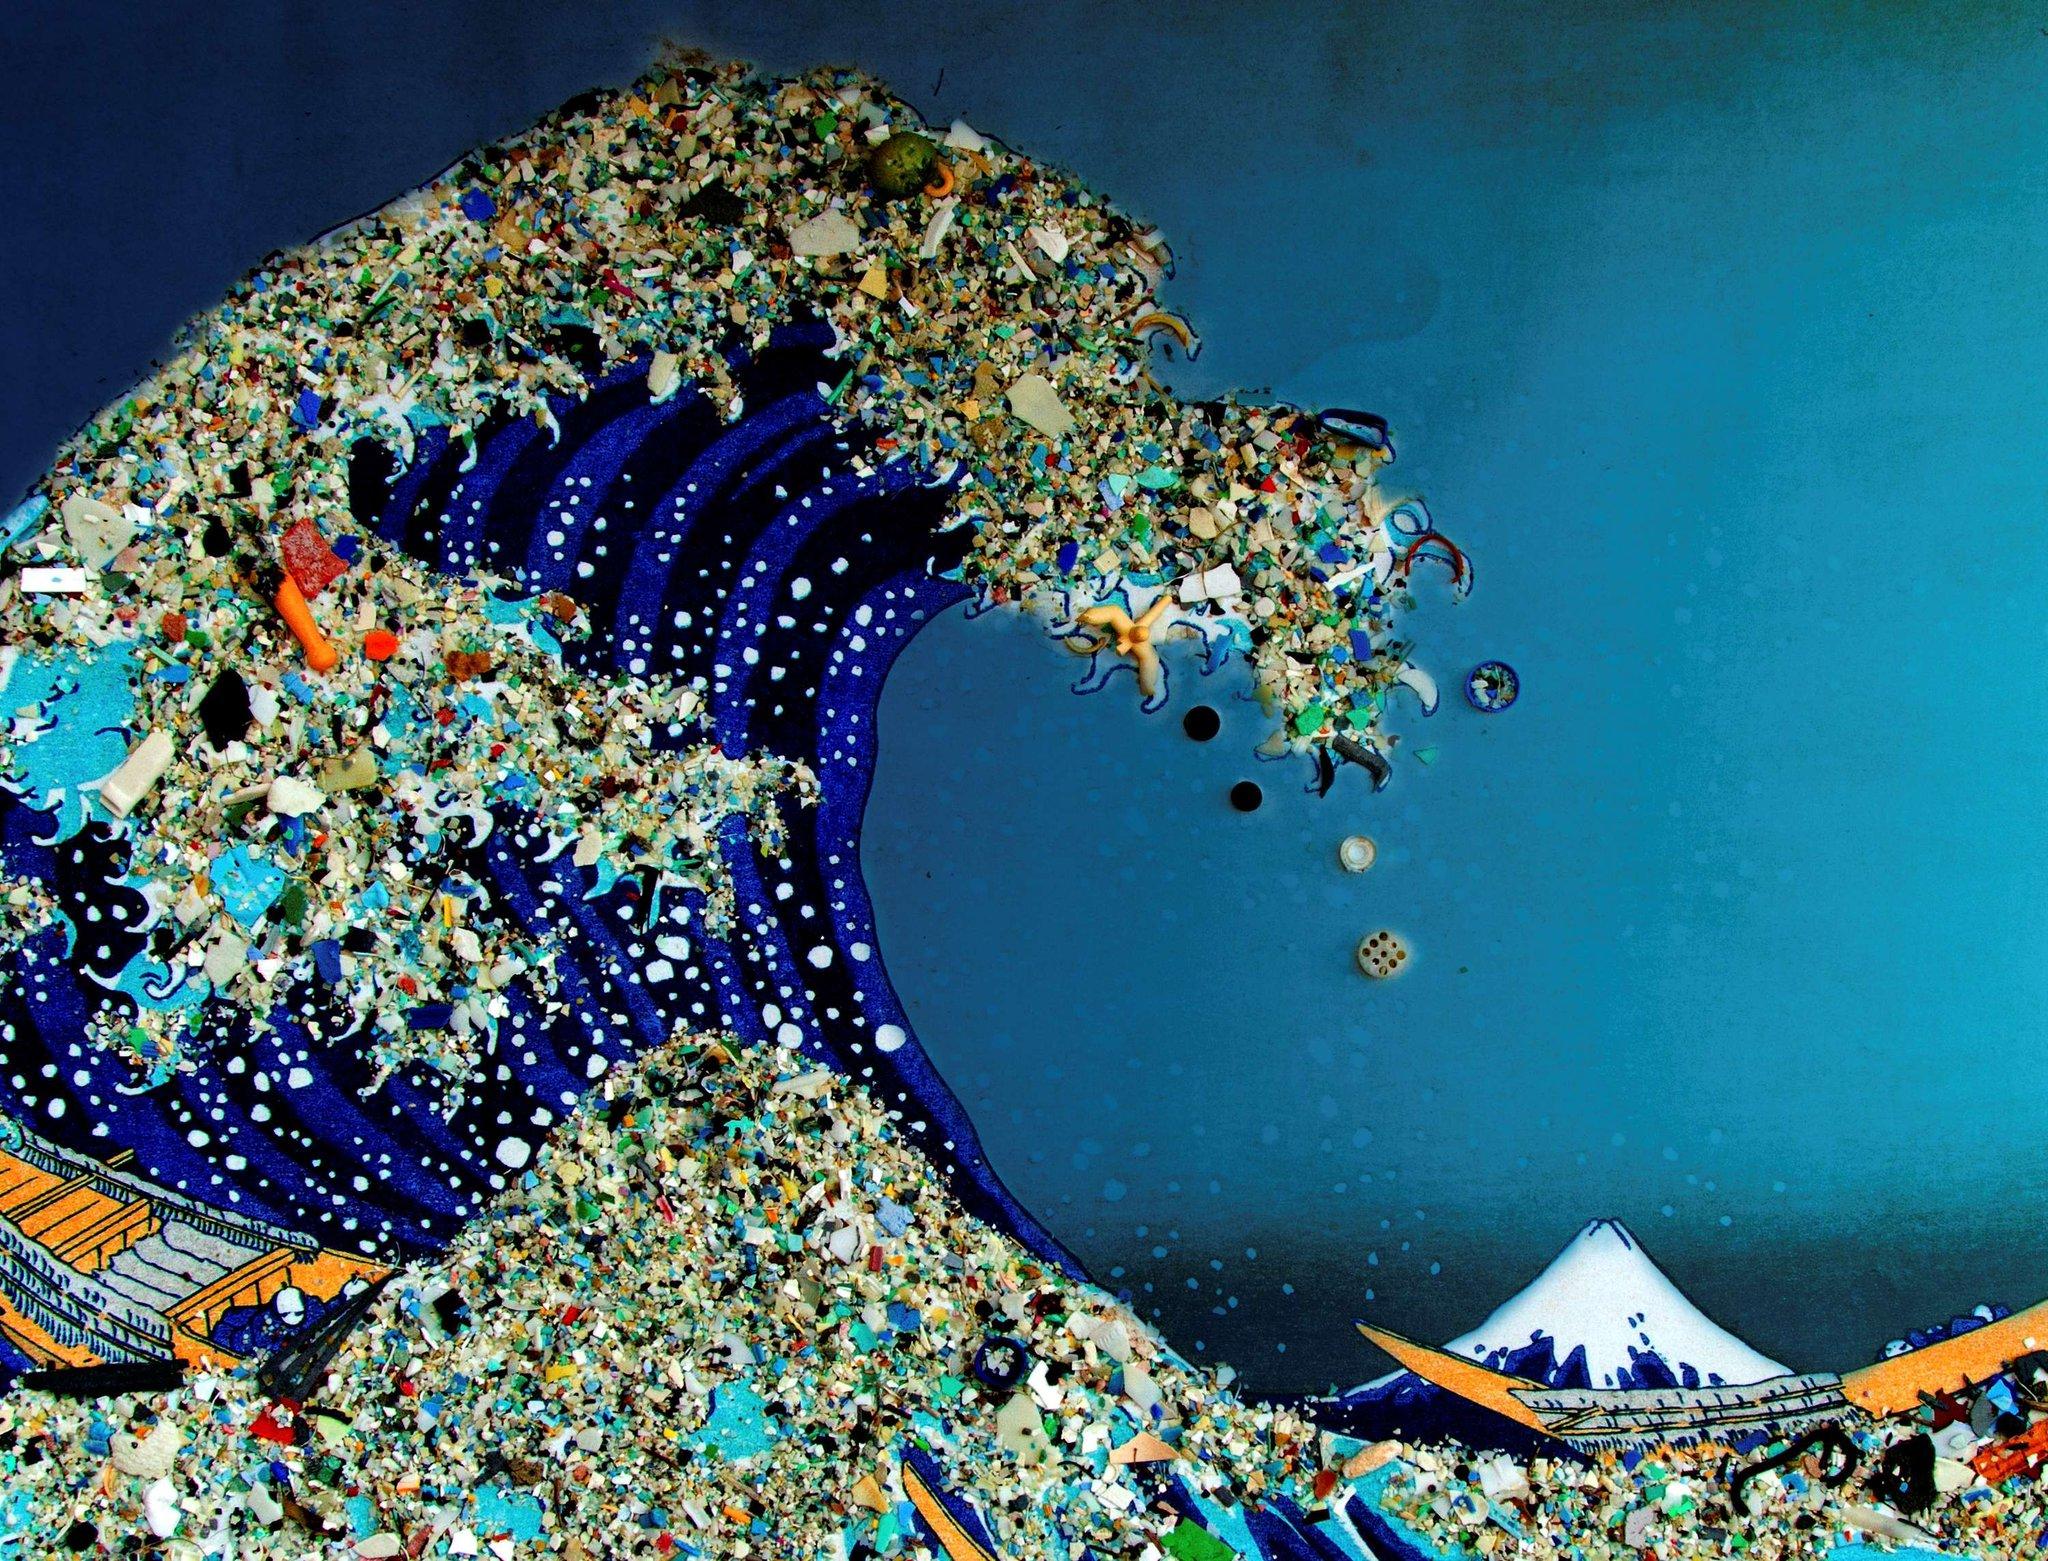 загрязнение мирового океана пластиком смартфон или